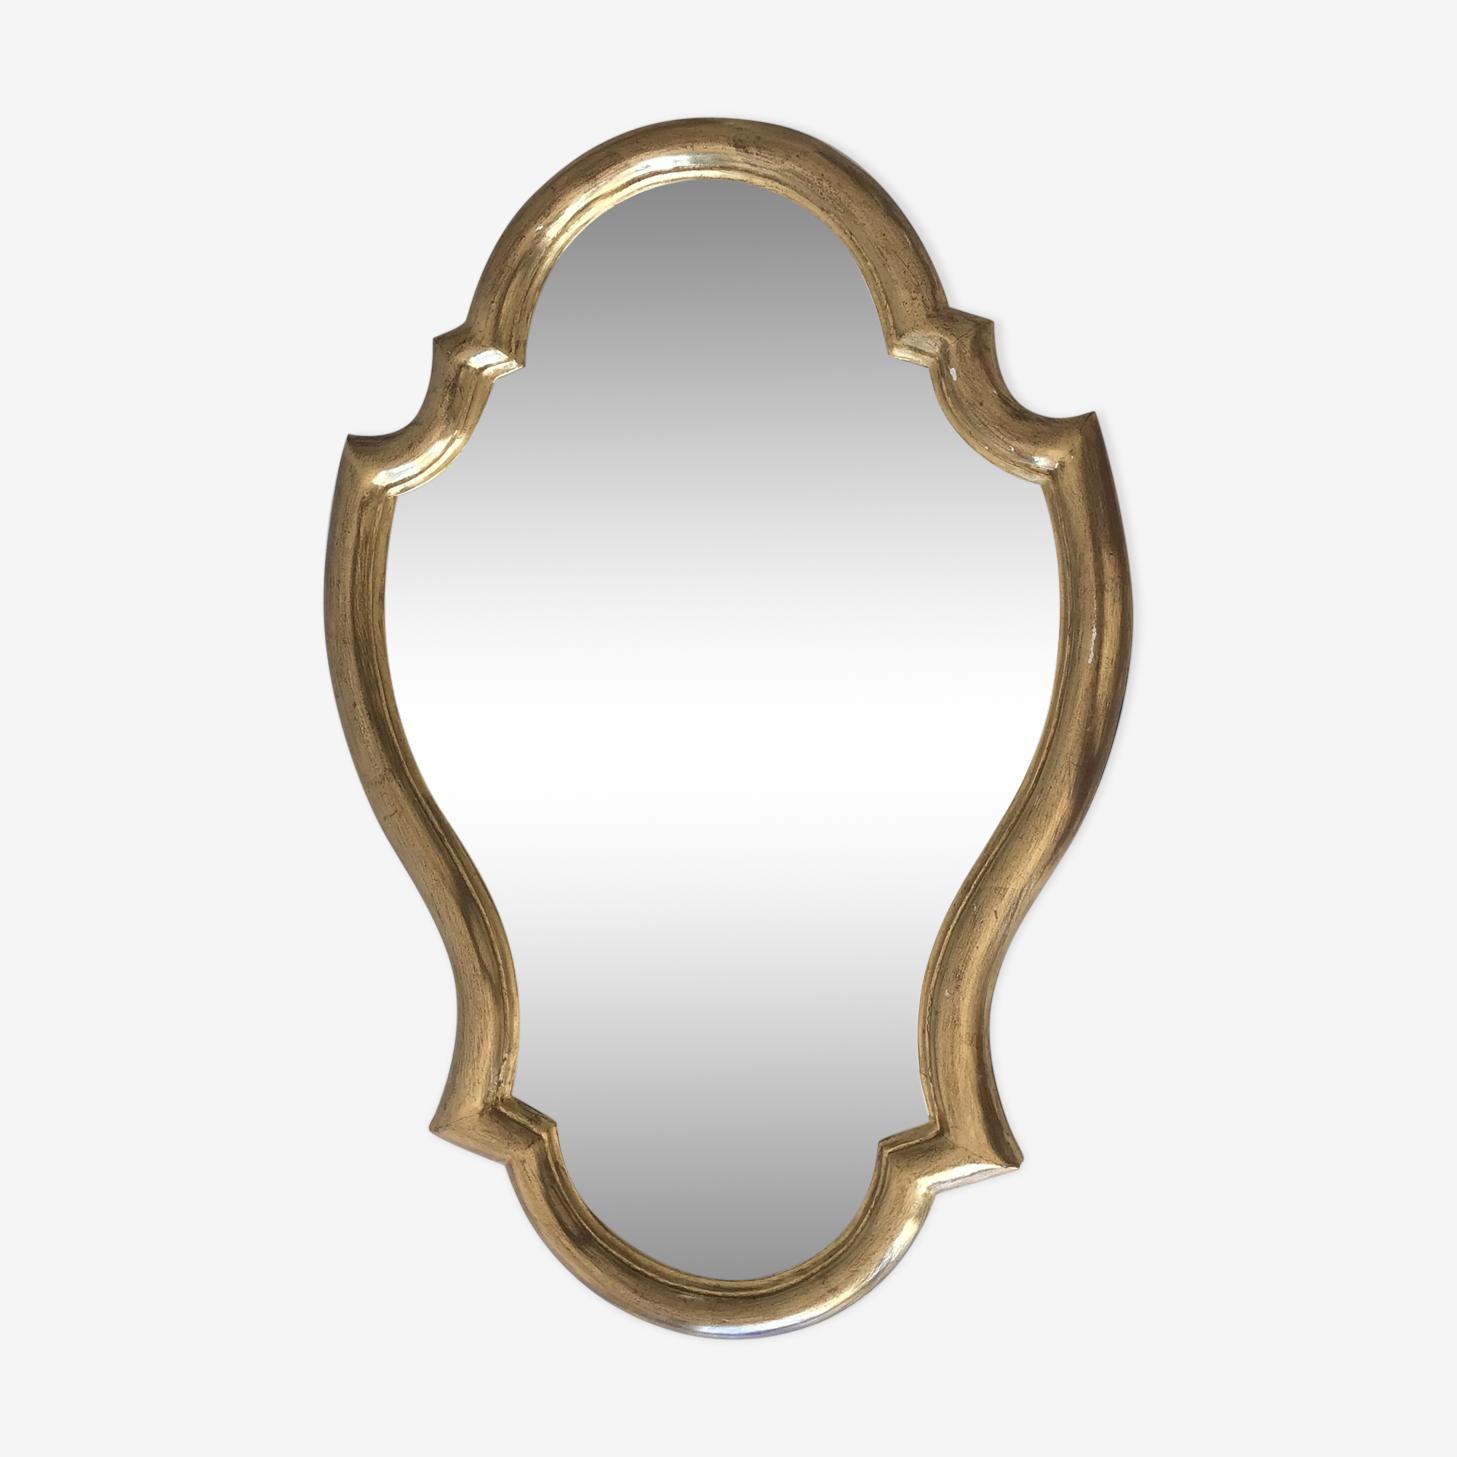 Gold wooden mirror, 44x65cm